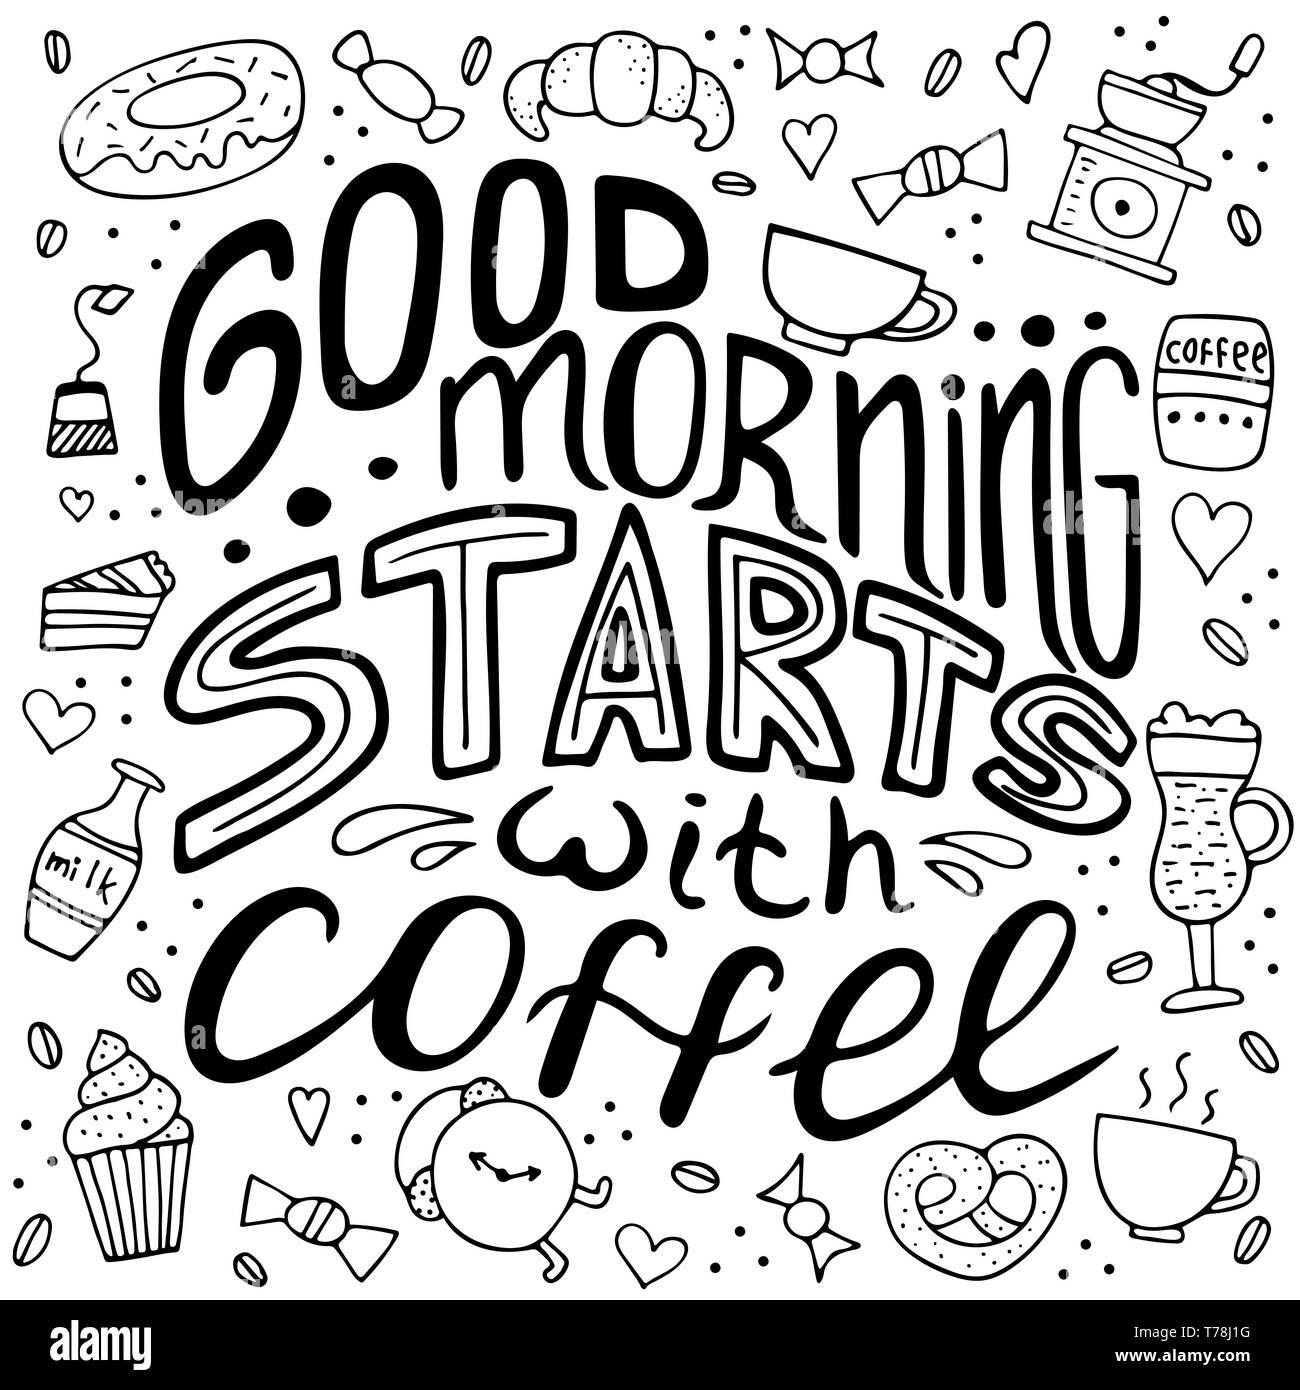 Handgezeichneten Schriftzug Guten Morgen Beginnt Mit